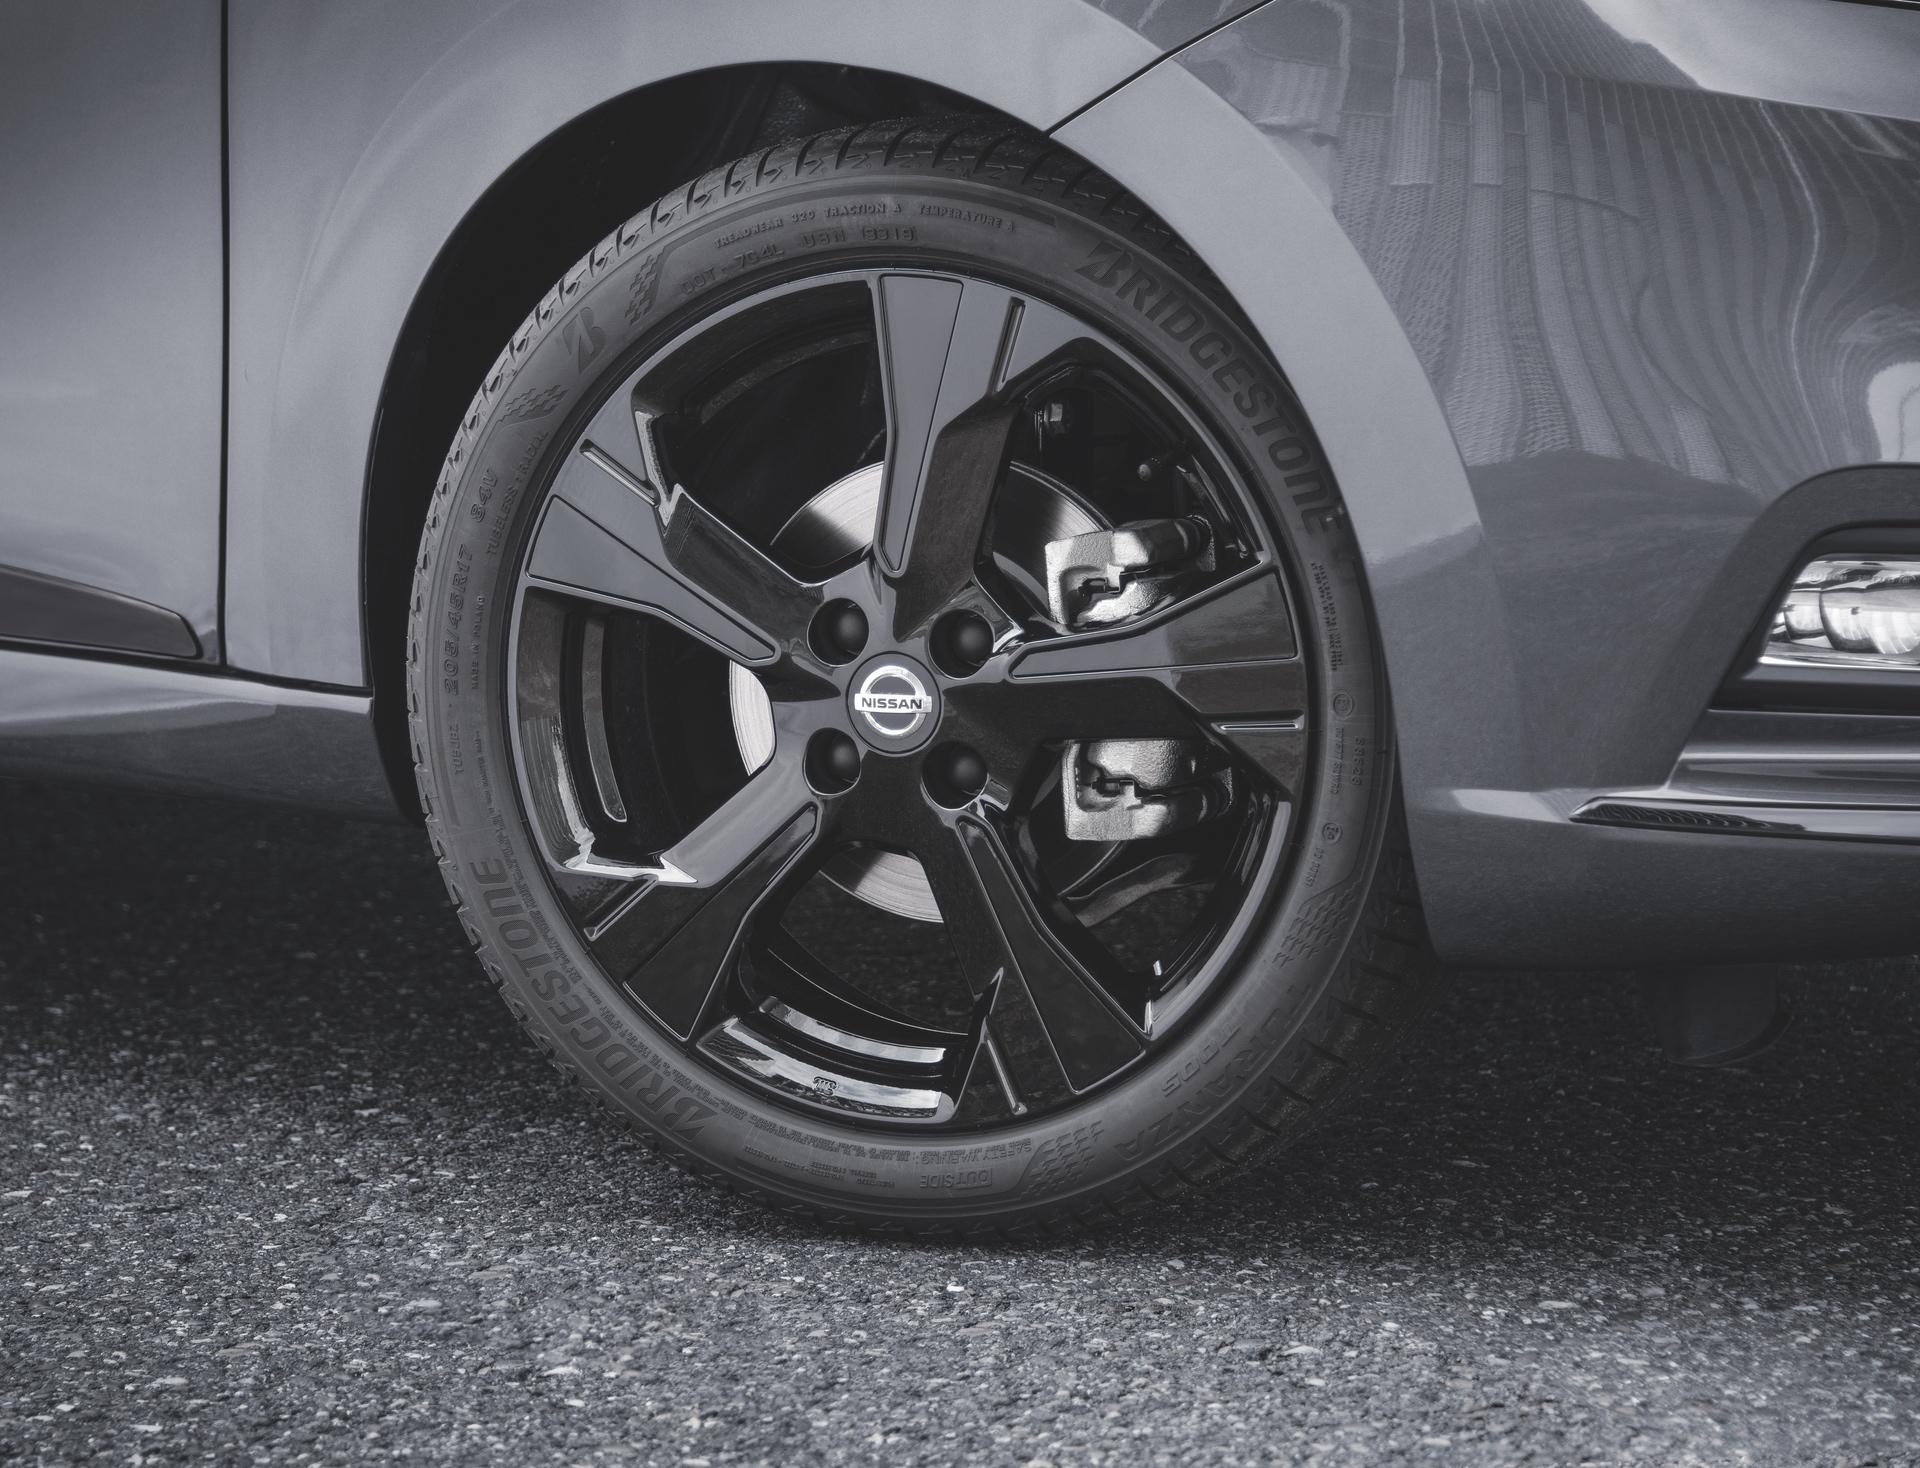 Jan.-7-10am-CET-MICRA-N-TEC-Edition-wheel